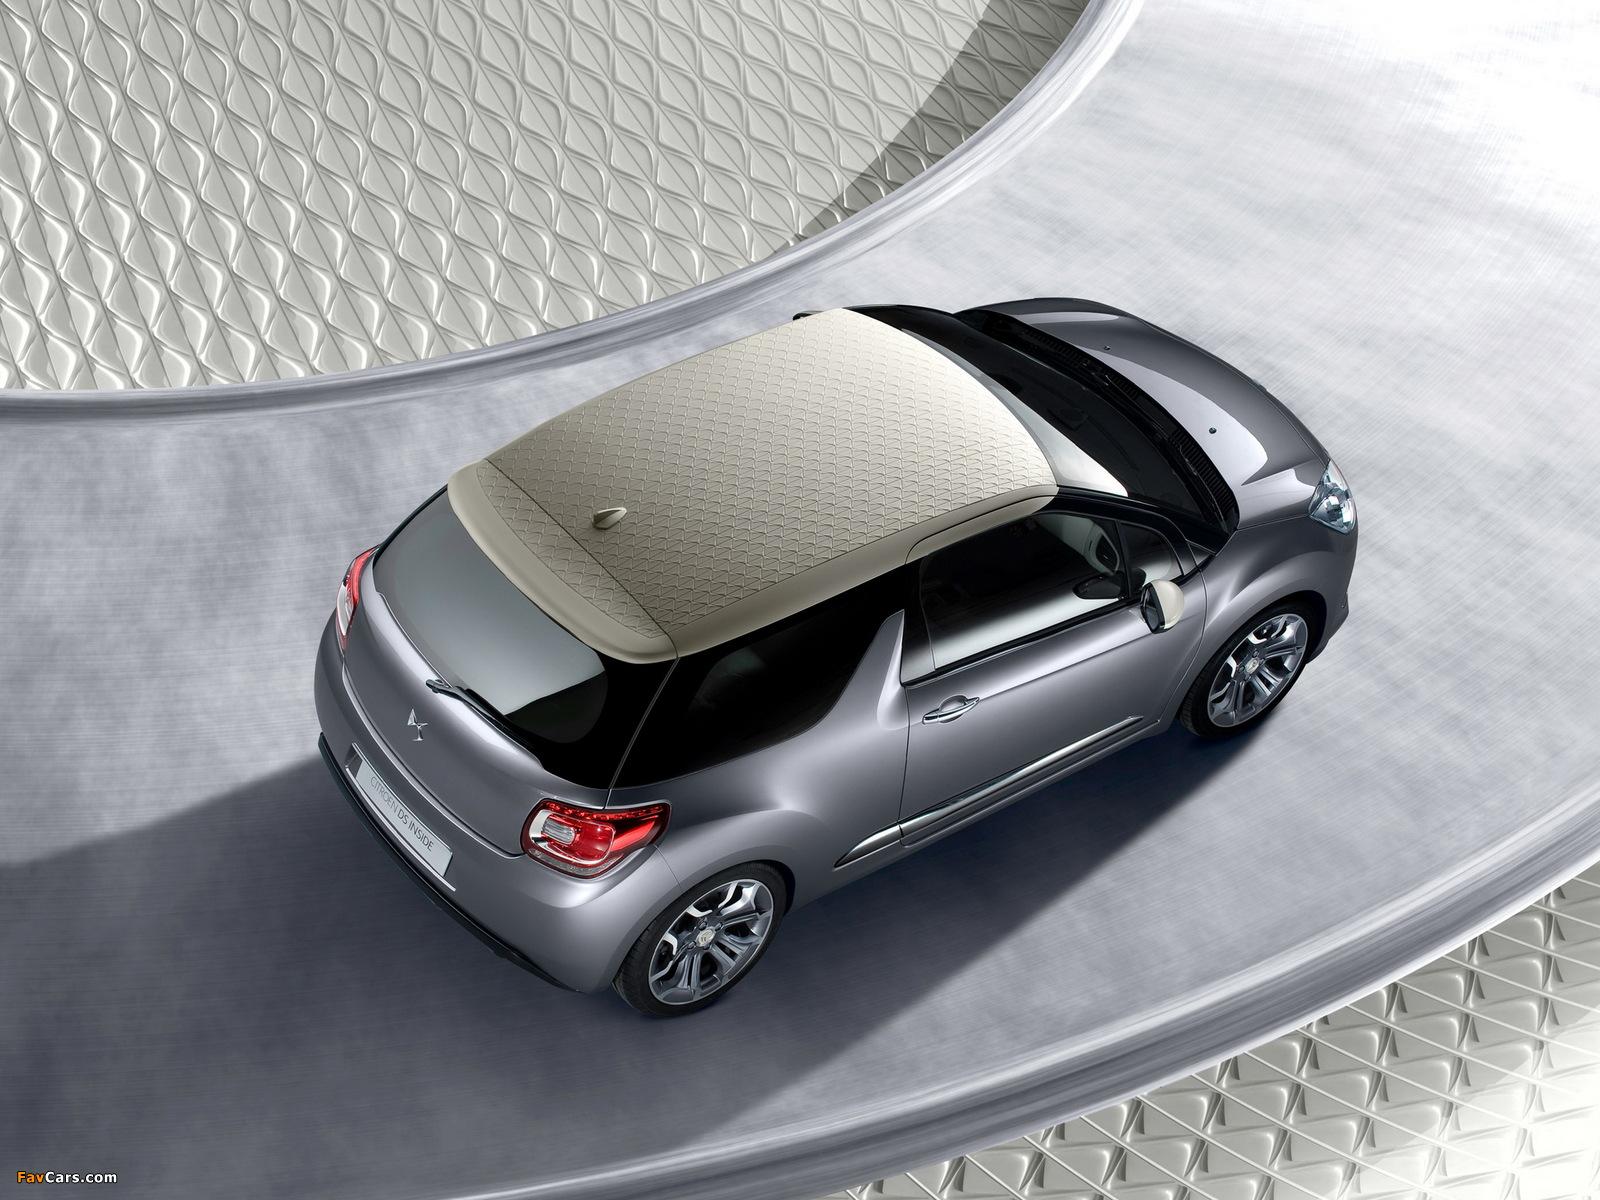 Citroën DS Inside Concept 2009 photos (1600 x 1200)